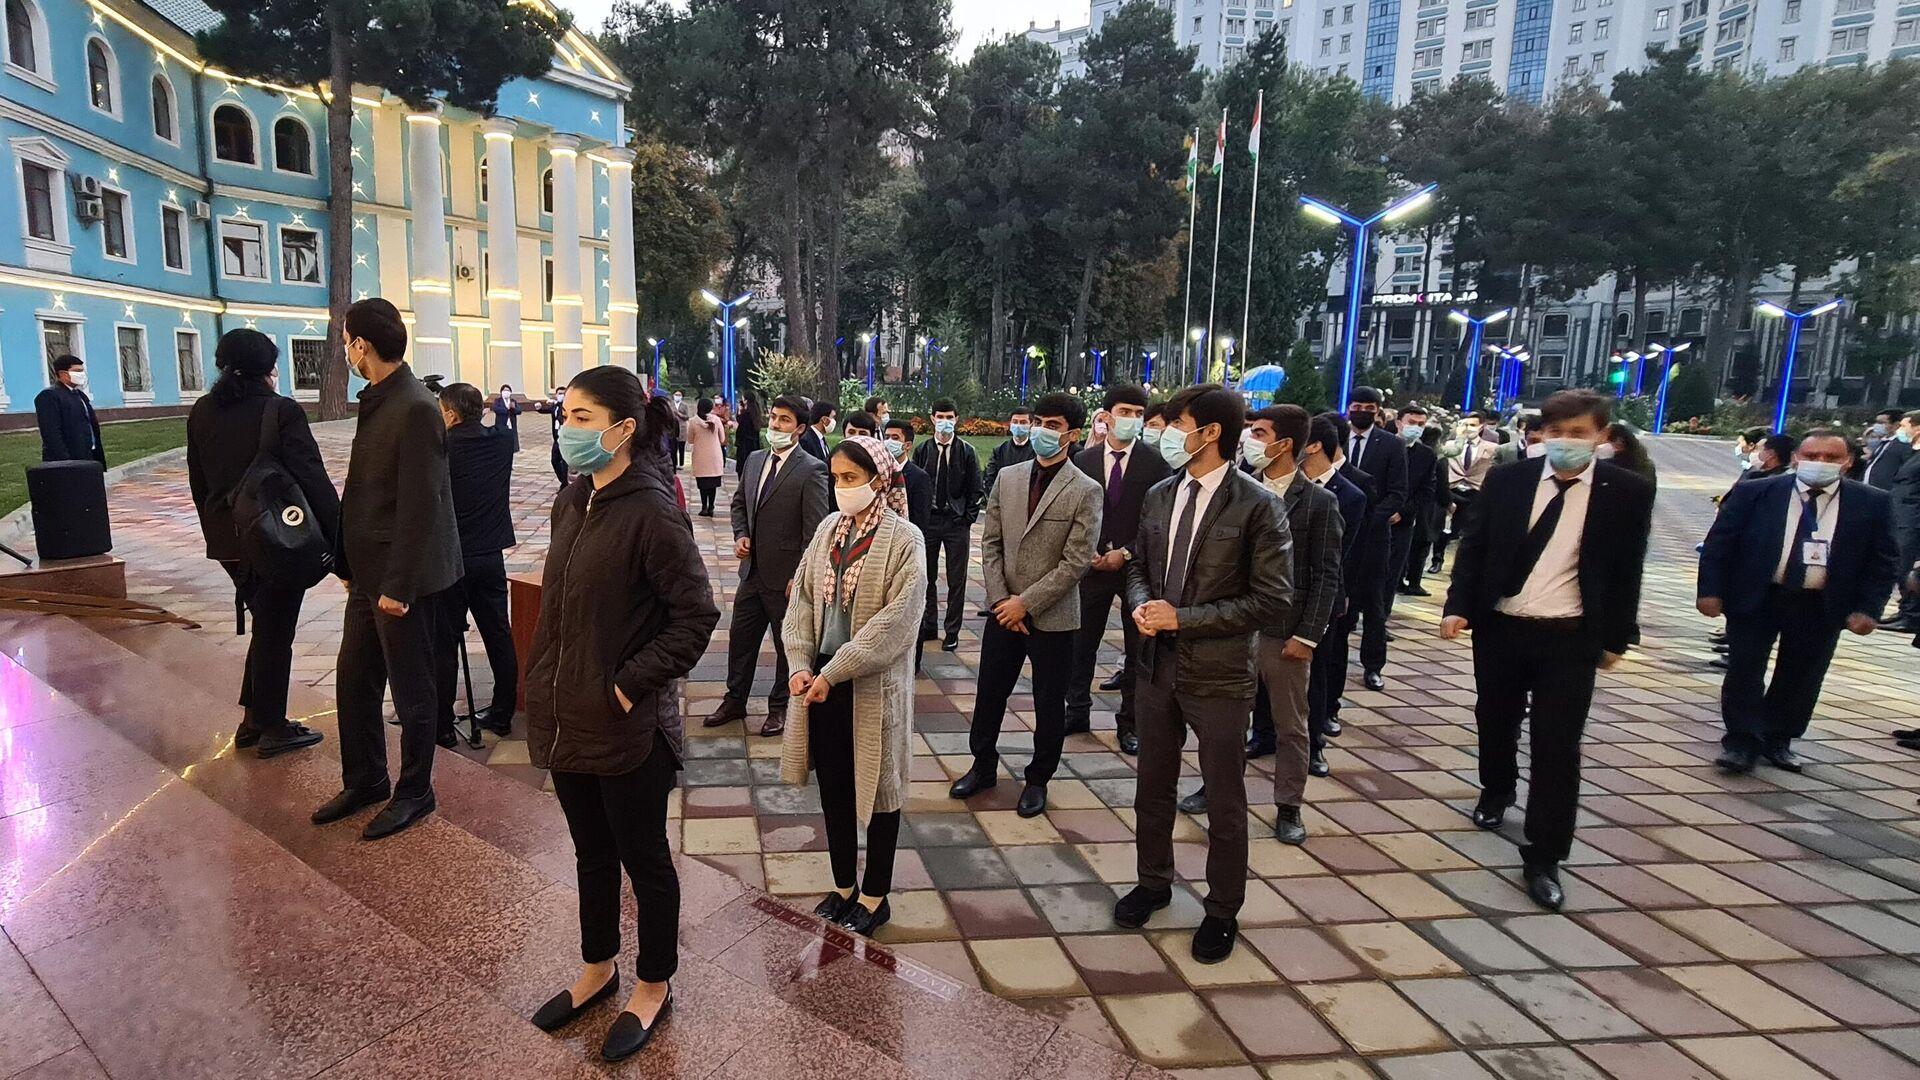 Люди стоят в очереди на избирательный участок в Таджикский государственный медицинский университет в Душанбе на выборах президента Таджикистана - РИА Новости, 1920, 12.10.2020